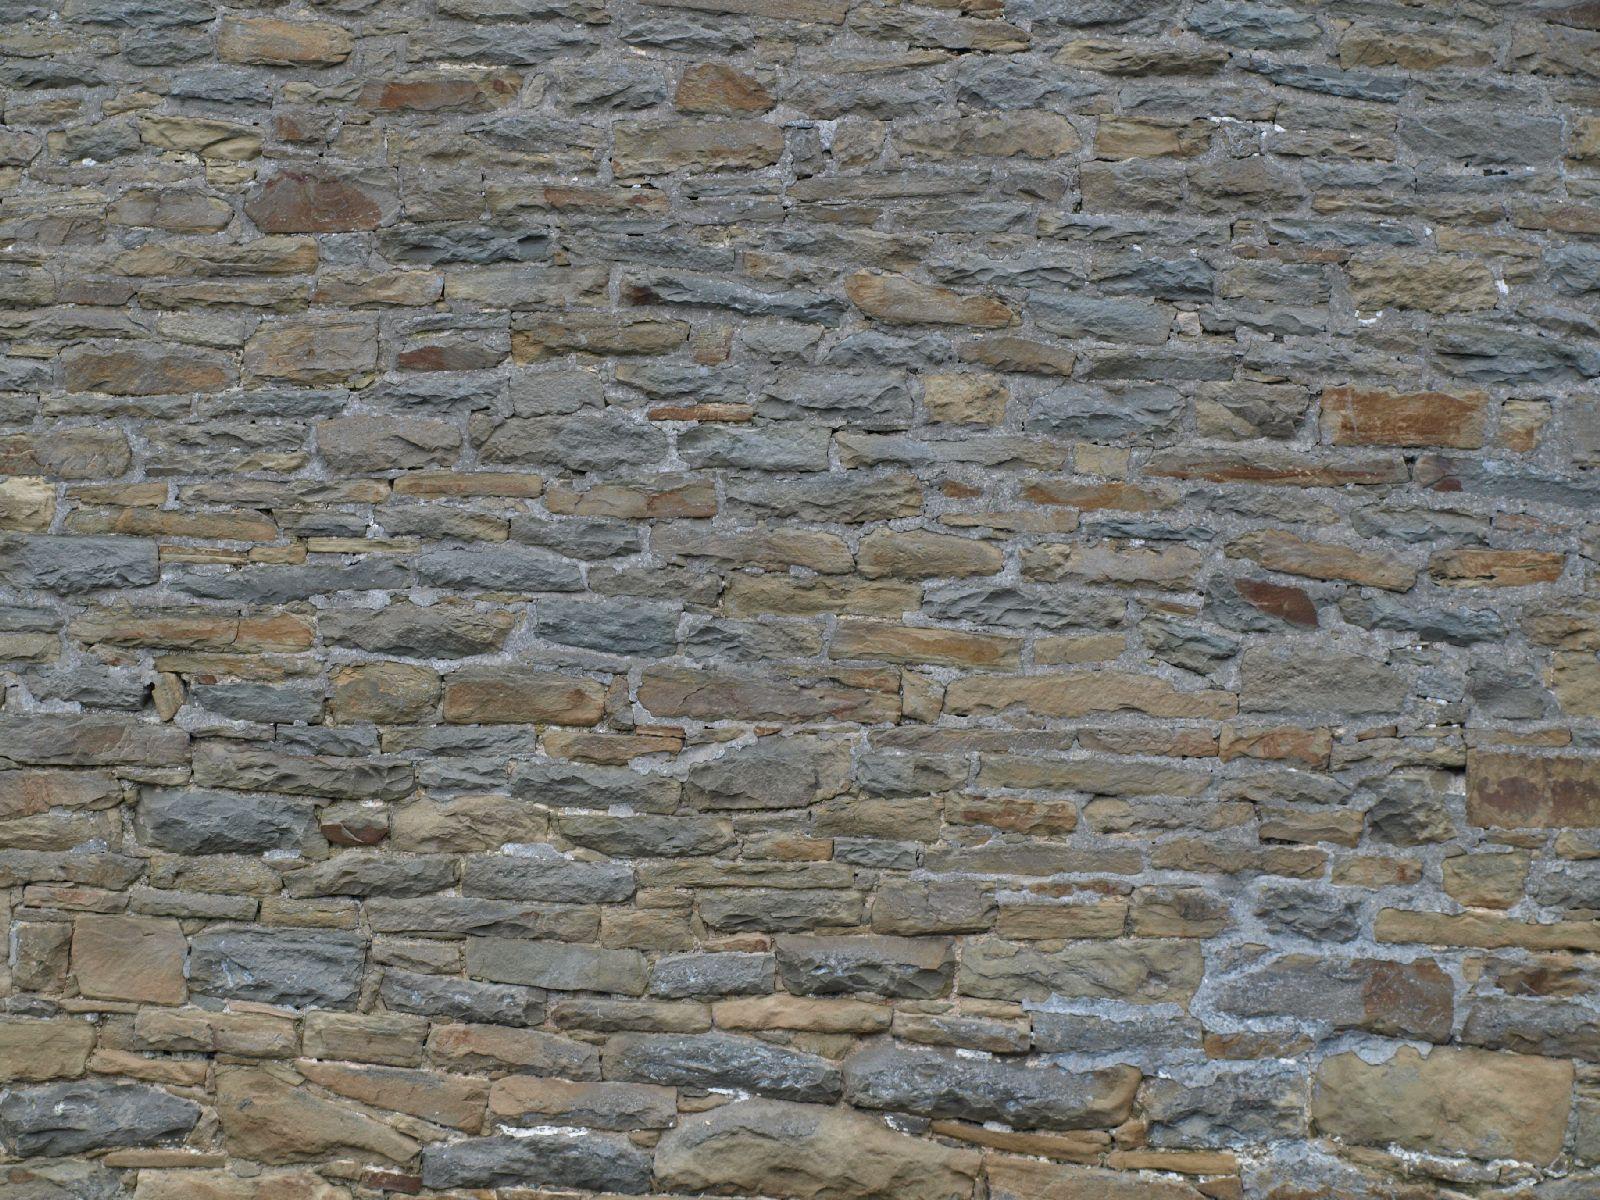 Brick_Texture_A_P6213534